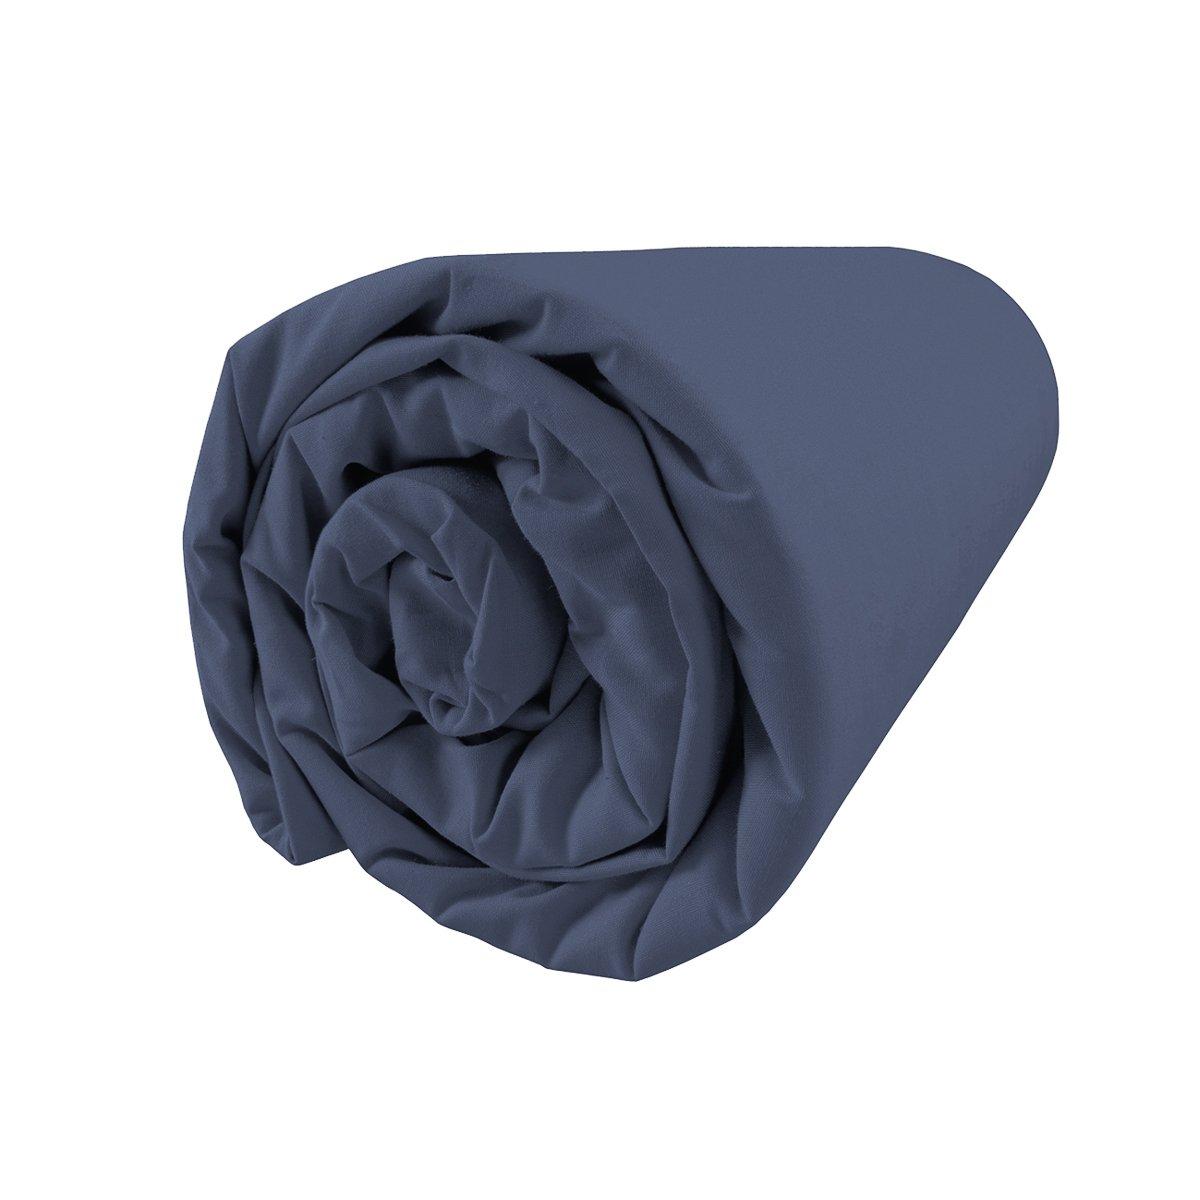 140x200 cm Bleu Nuit Matt /& Rose Drap Housse Coton